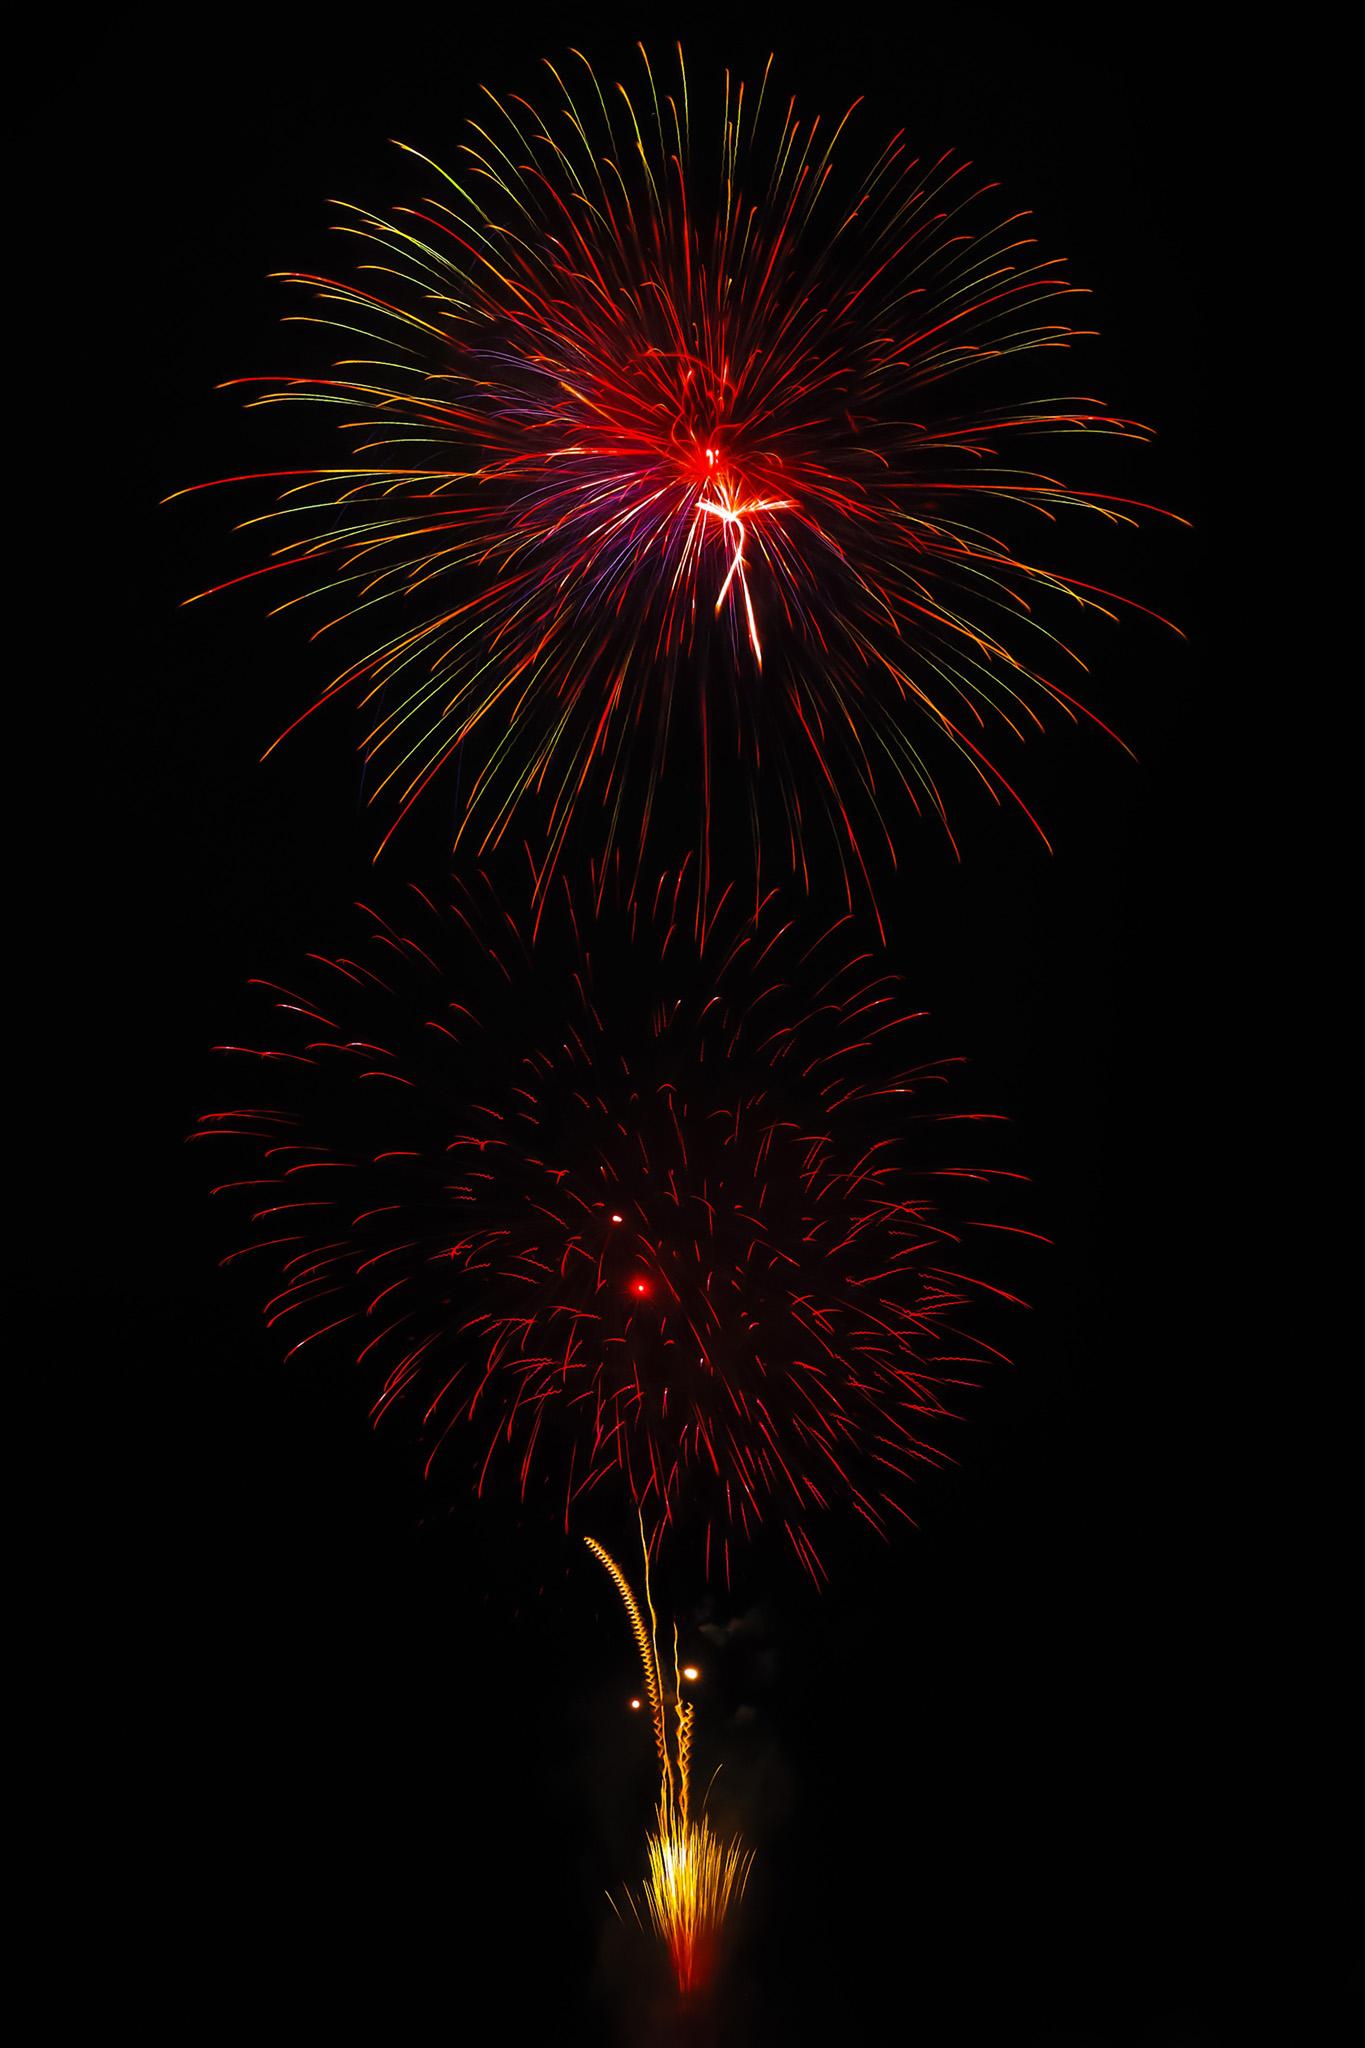 「光り輝く花火と夜空」のテクスチャを無料ダウンロード